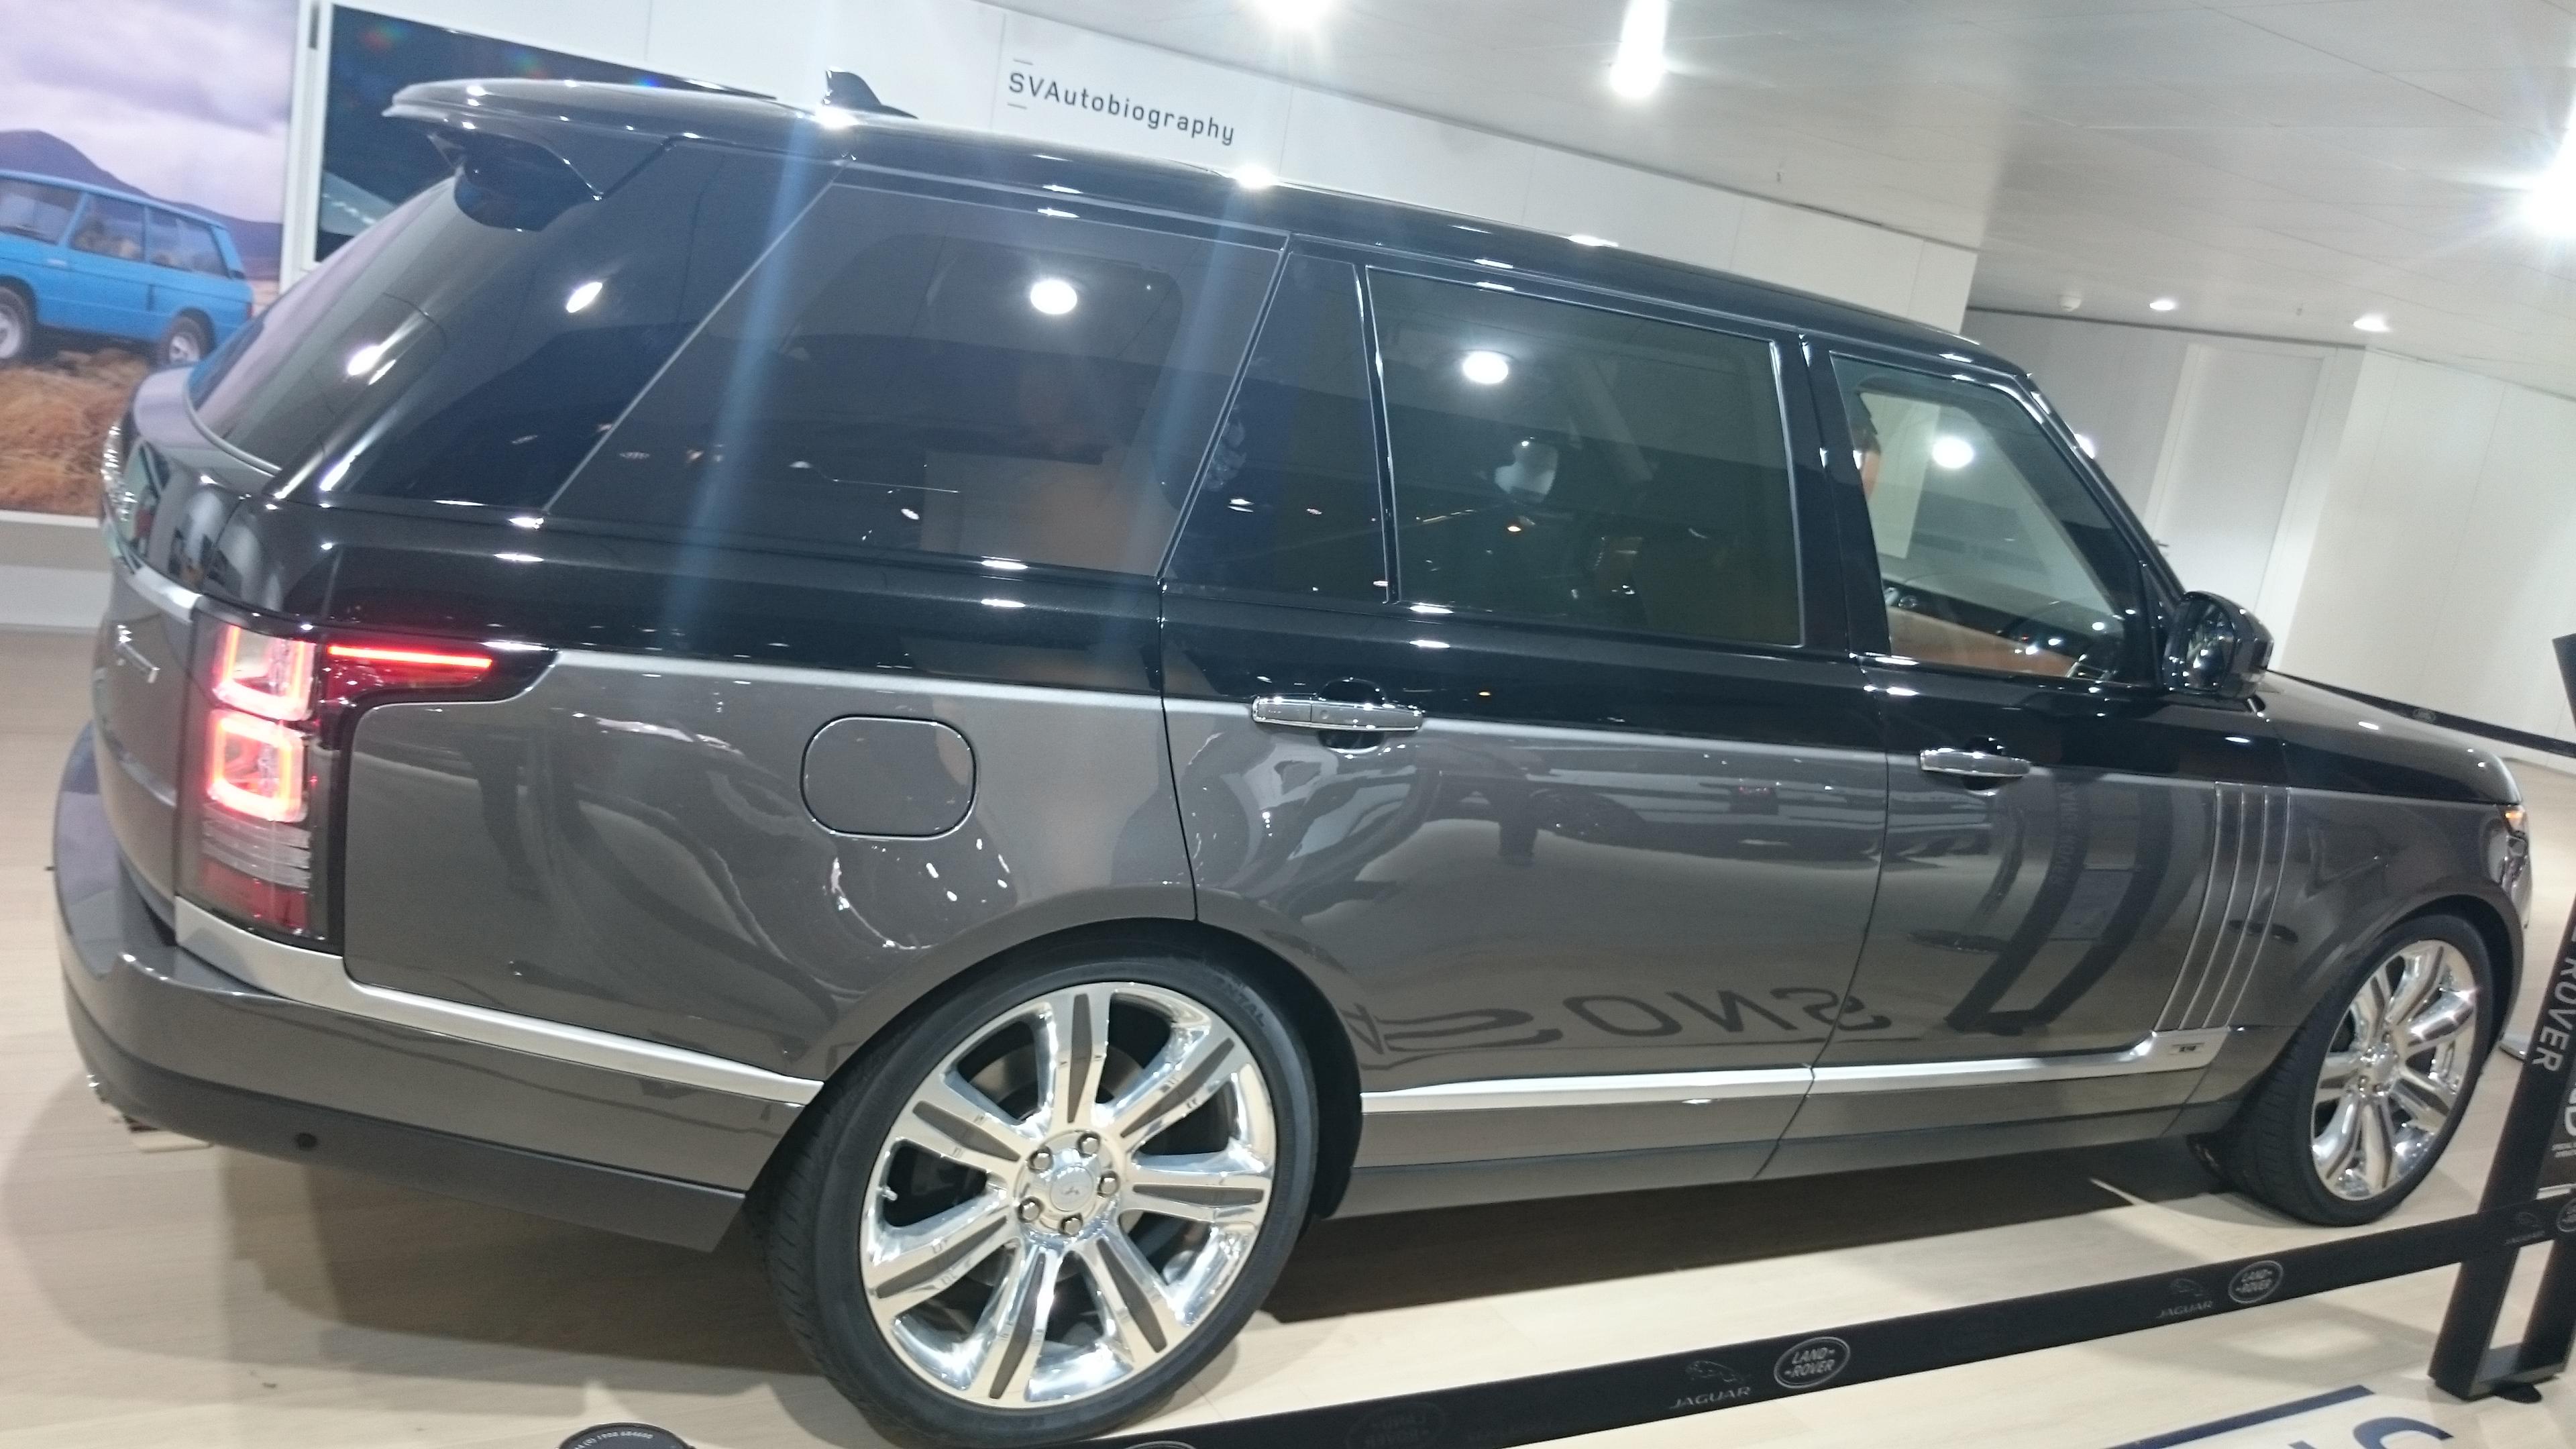 Fotos 360 del Range Rover Sentinel #VidePan en #IAA2015